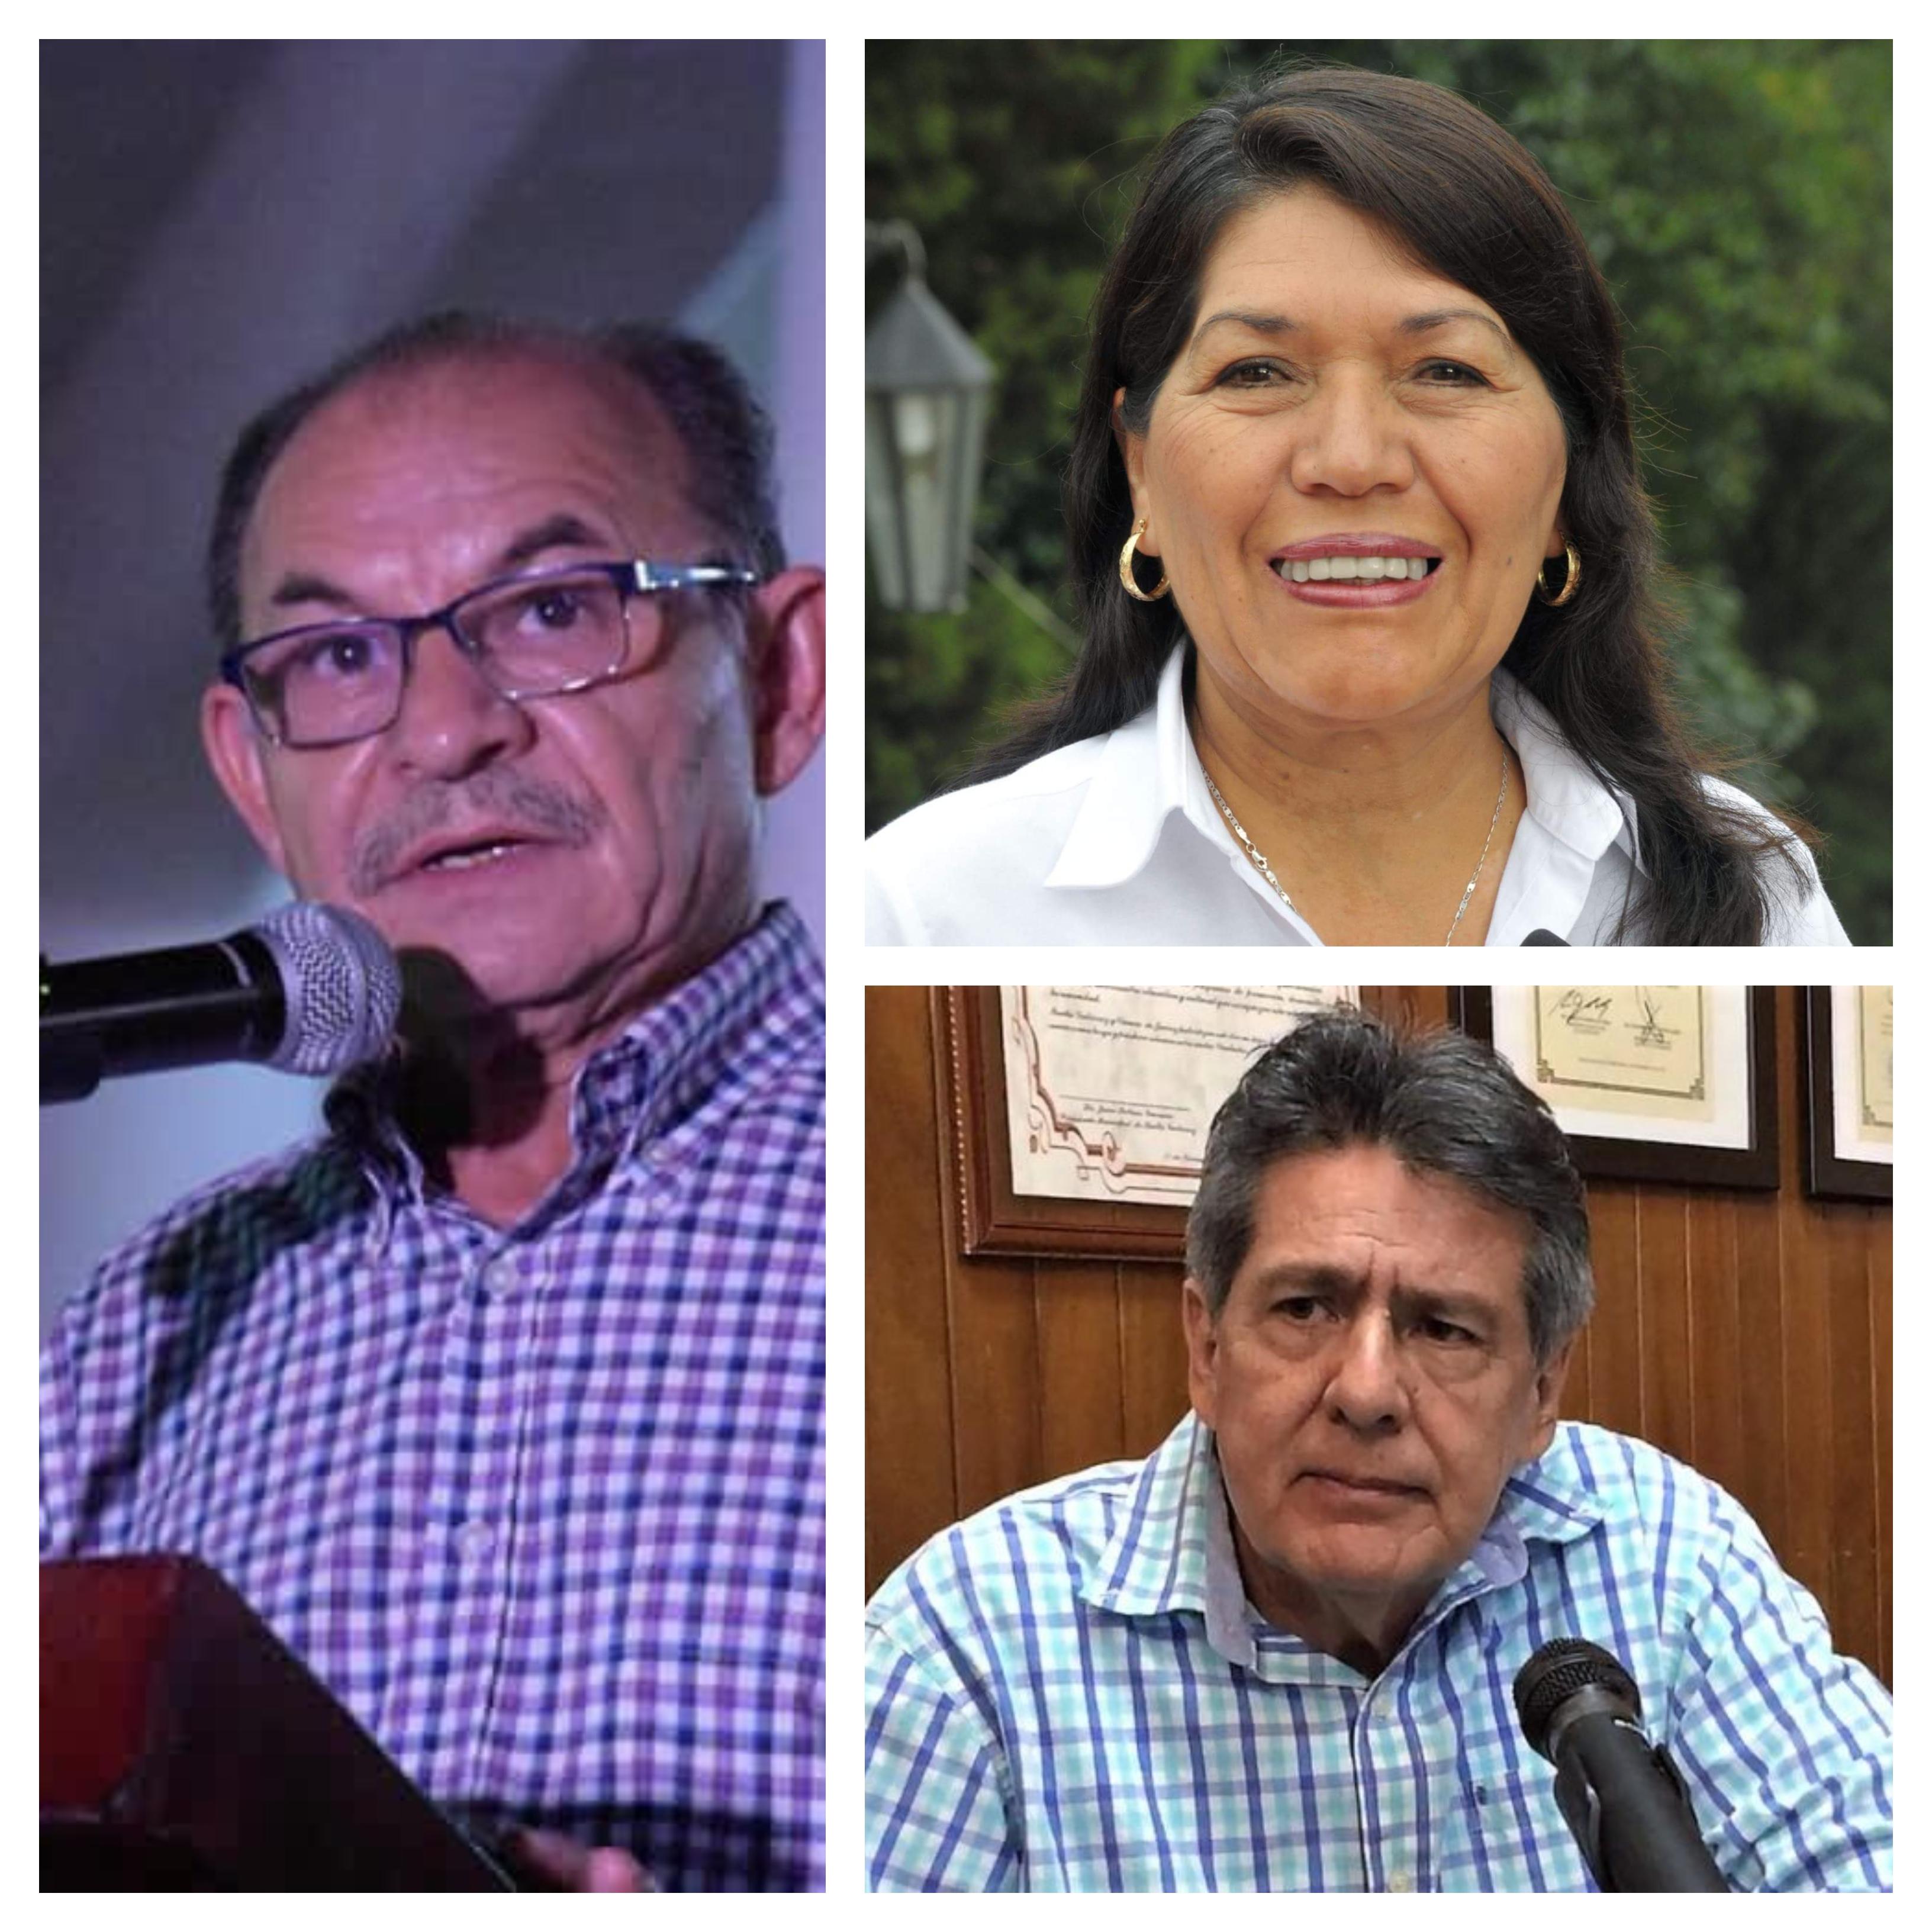 A un año de gobierno, Tuxtla, San Cristóbal y Tapachula no mejoran en seguridad - Chiapasparalelo